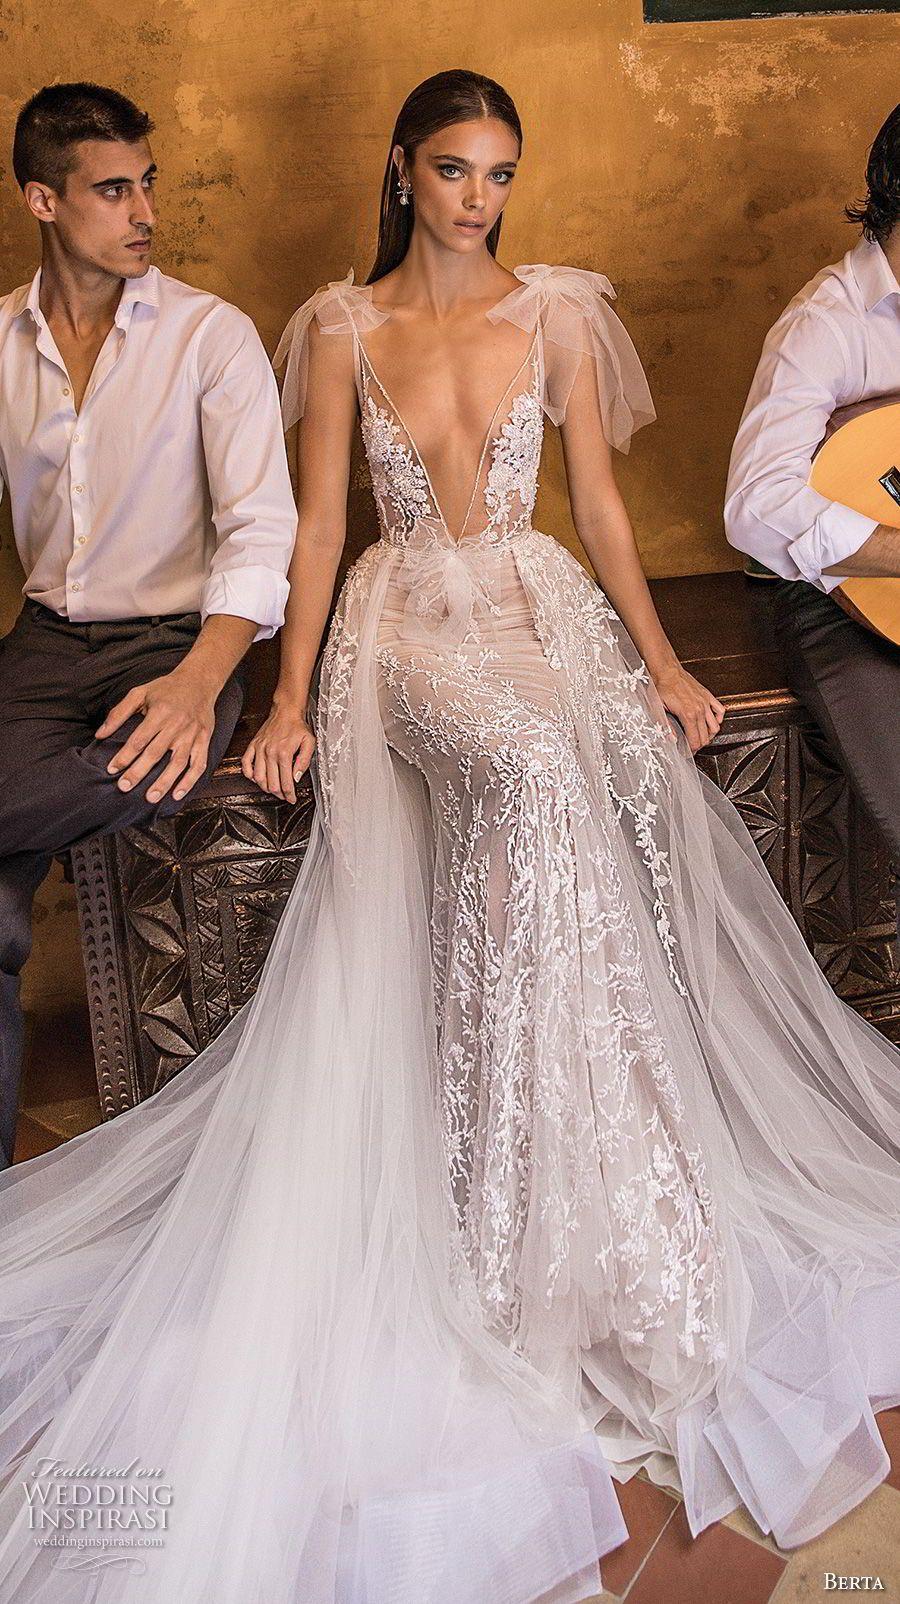 Berta Fall 2018 Wedding Dresses Wedding Inspirasi Long Train Wedding Dress A Line Wedding Dress Wedding Dresses